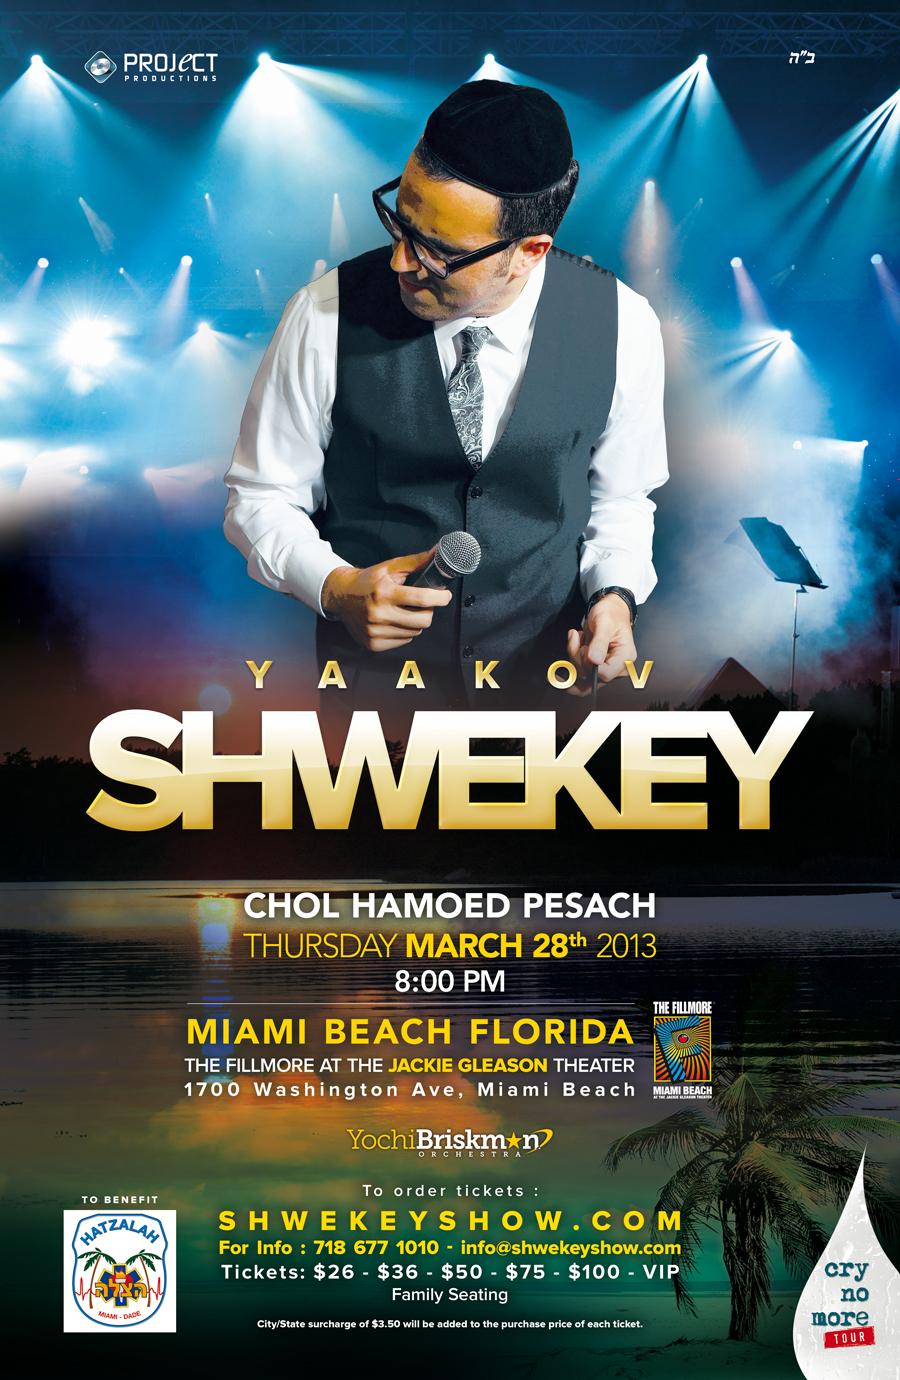 11x17-Shwekey_Miami-V8